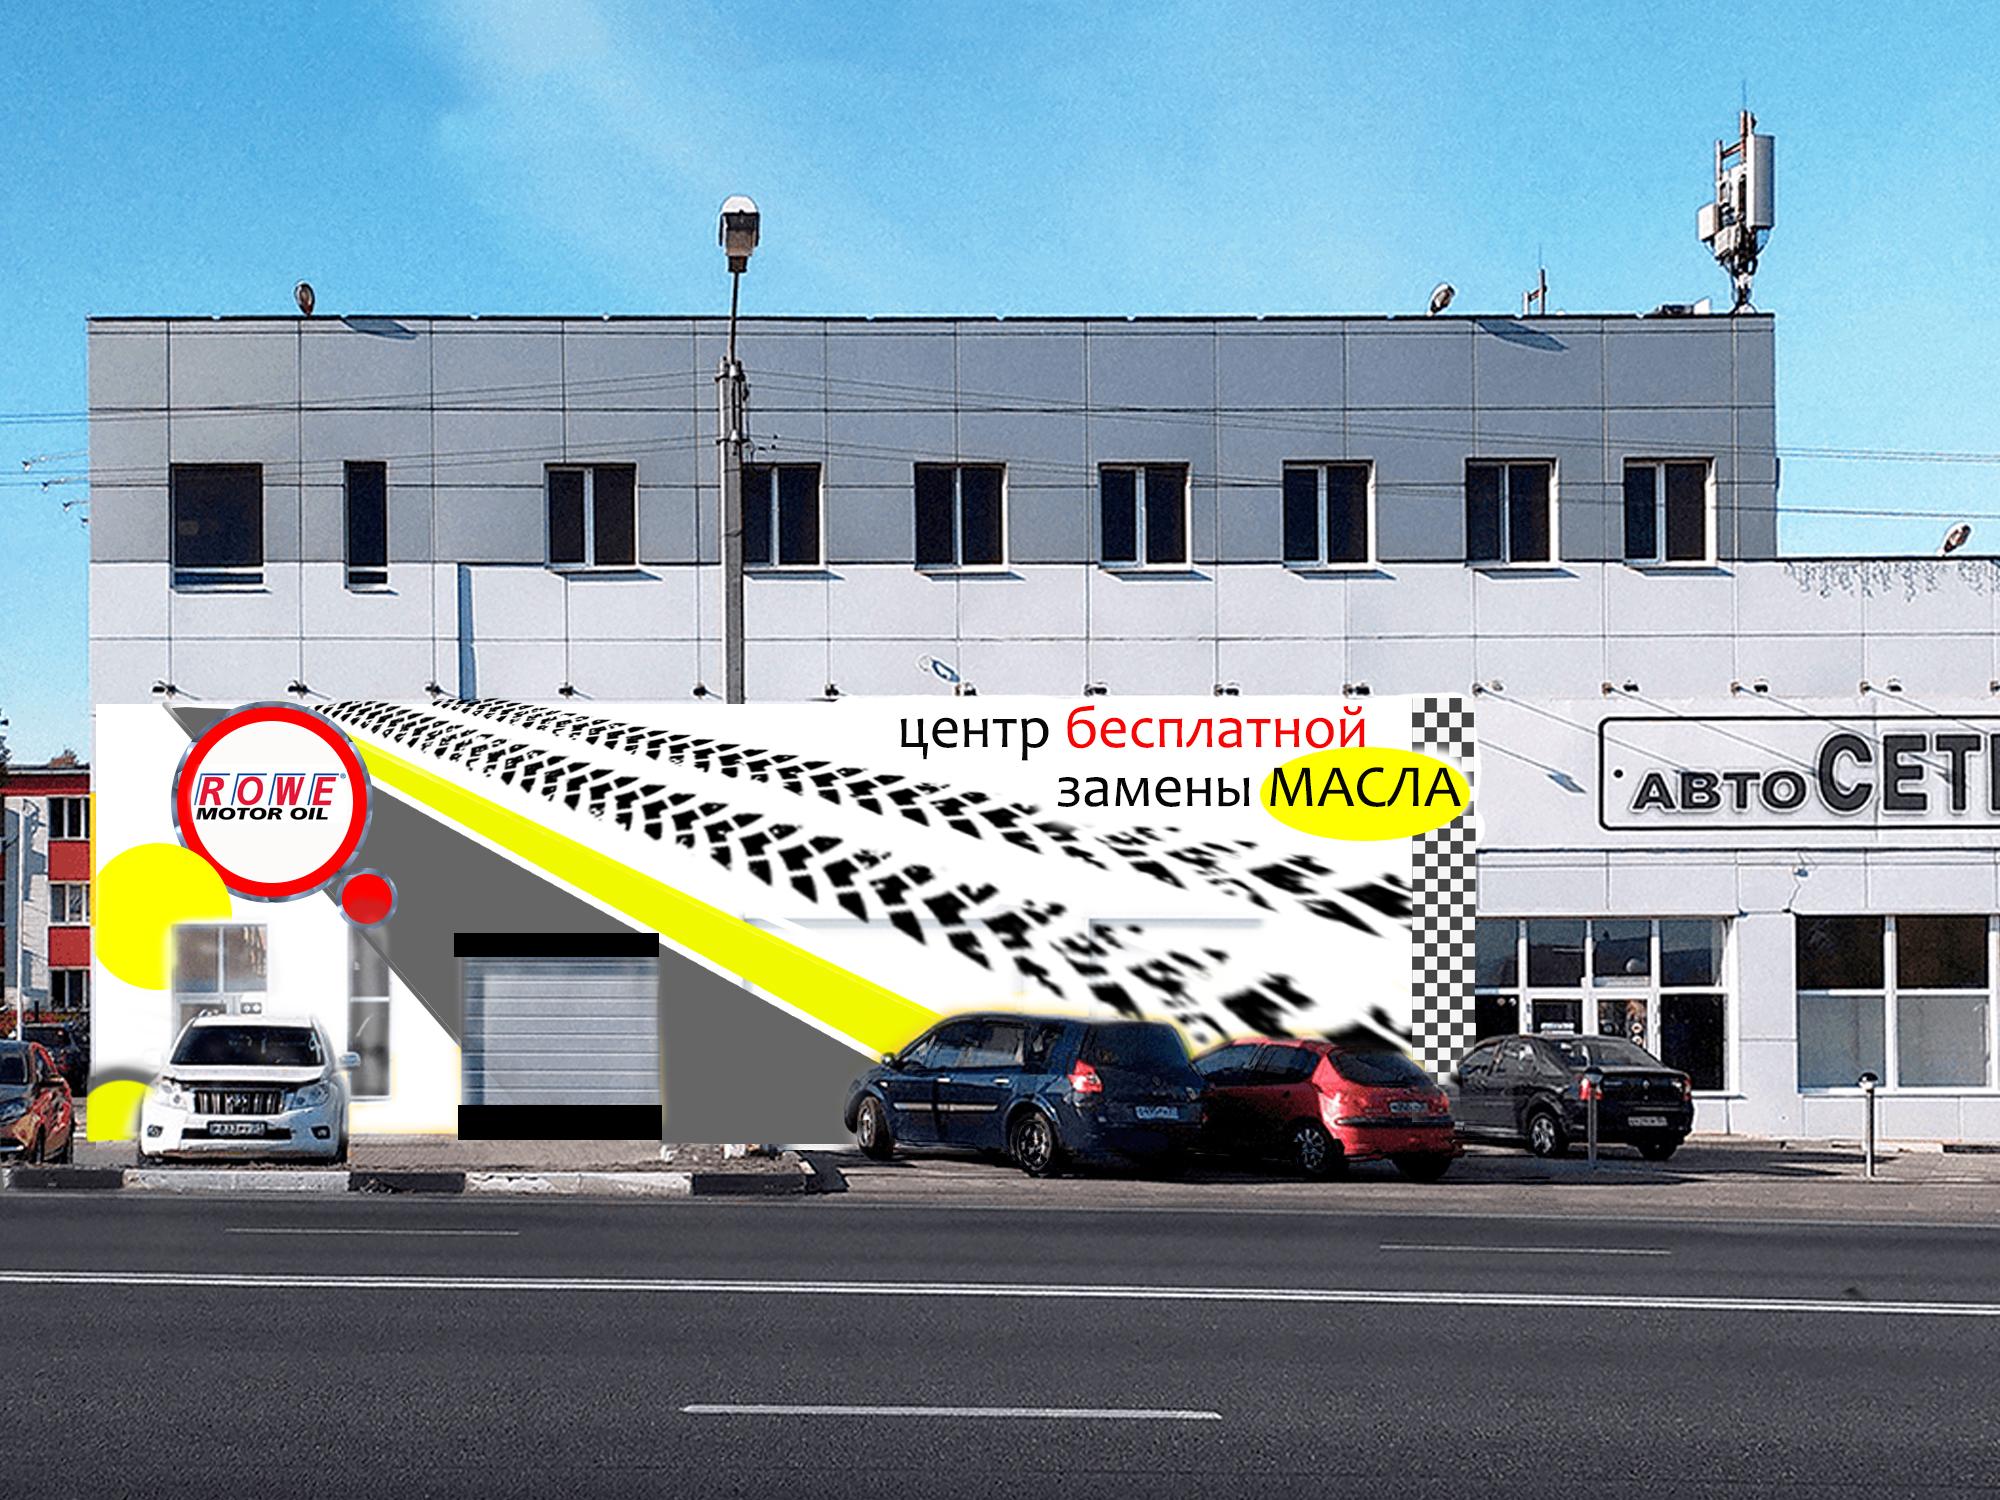 Оформление фасада автосервиса фото f_9925e43f5eb6cf9b.jpg